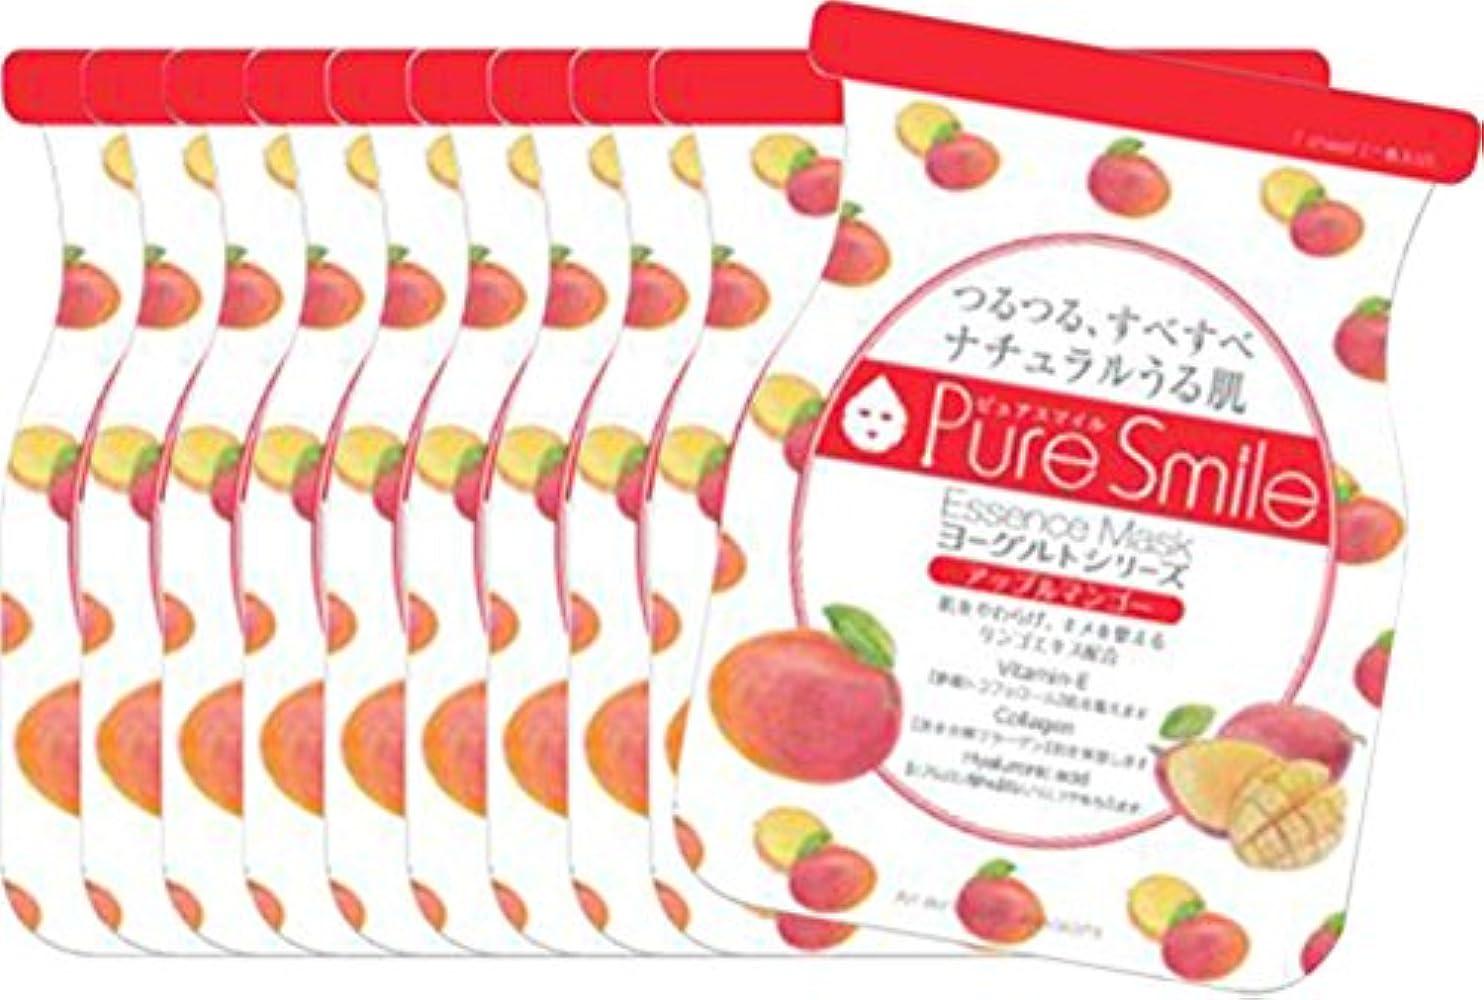 回転させる連続的舌ピュアスマイル エッセンスマスク ヨーグルトシリーズ アップルマンゴー 10枚セット